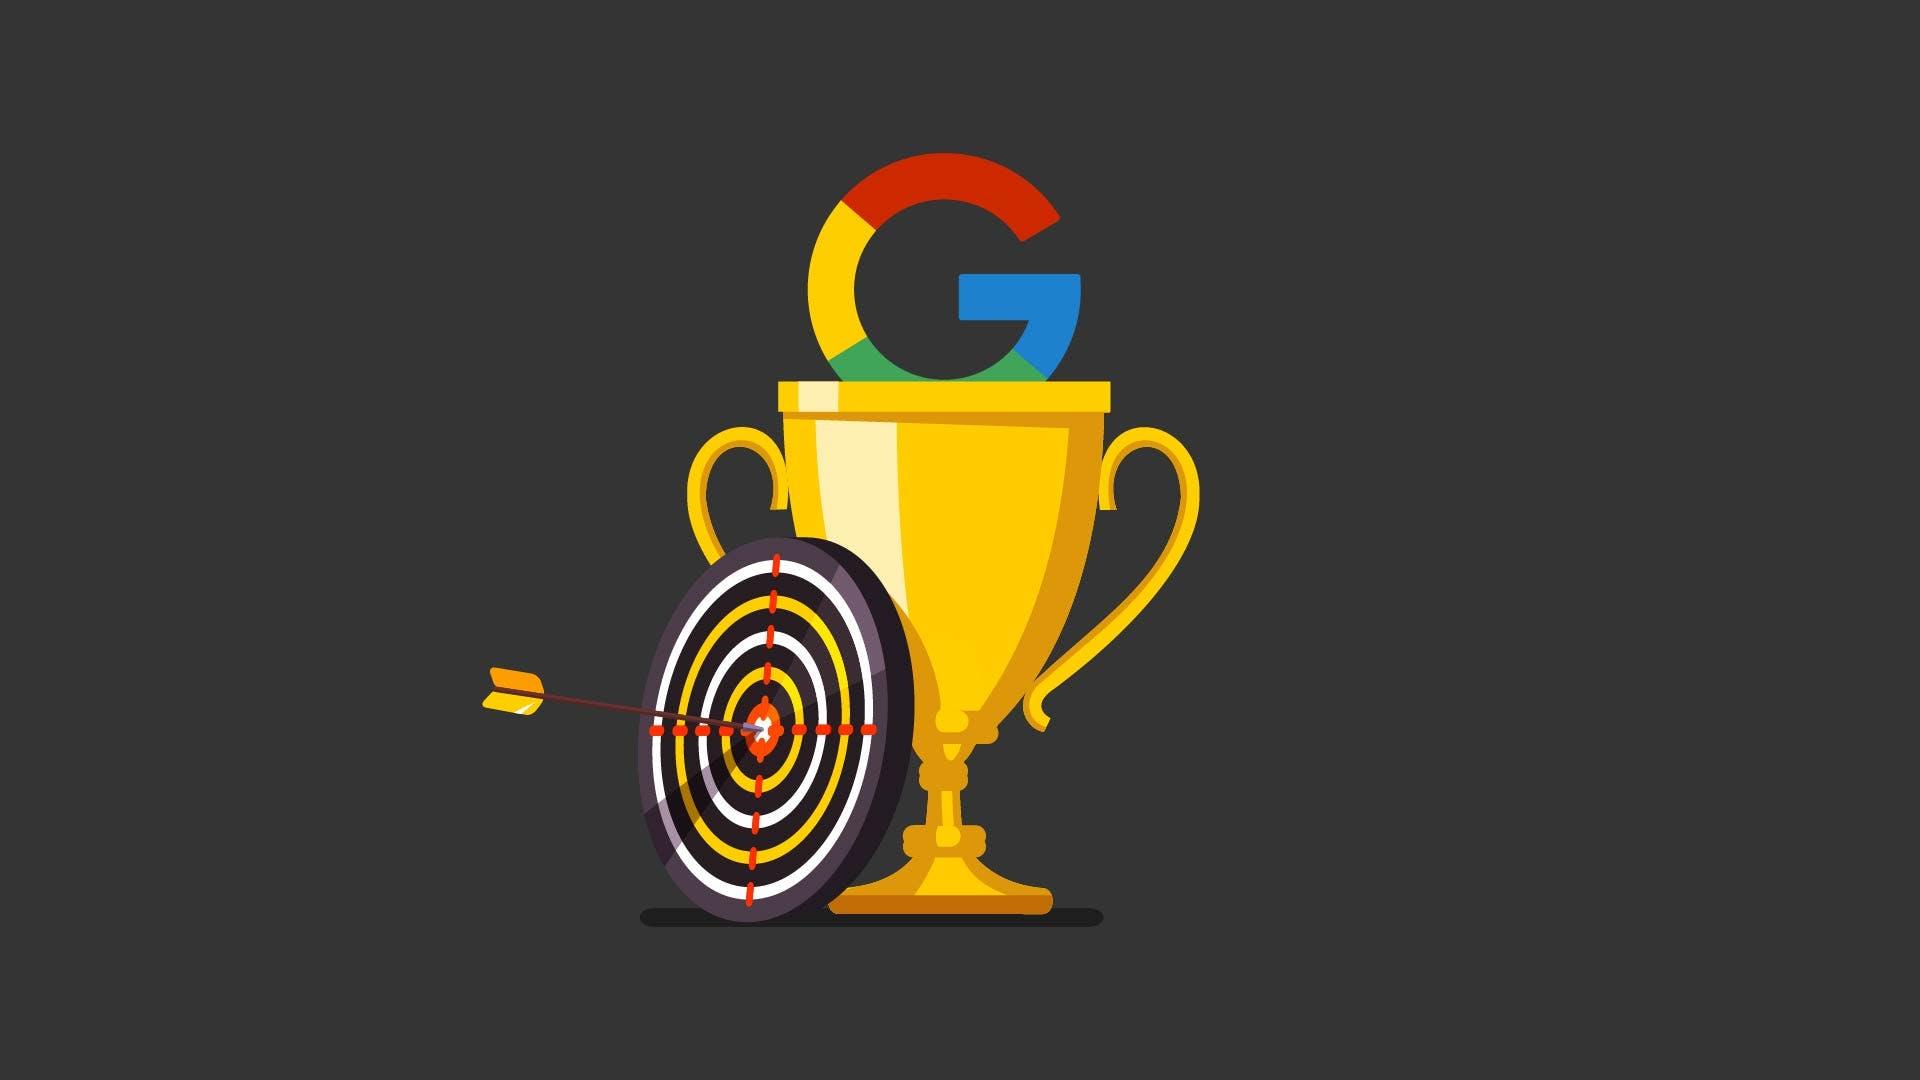 Google Üst Sıralara Çıkma